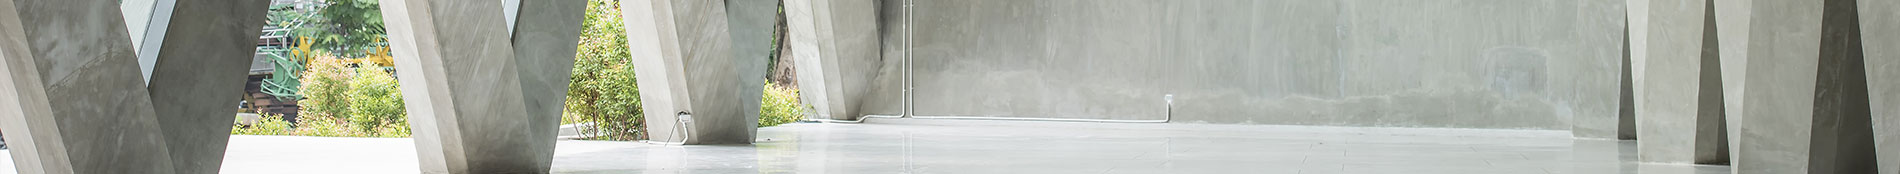 Architectural Concrete | Atlantic Concrete Contractors